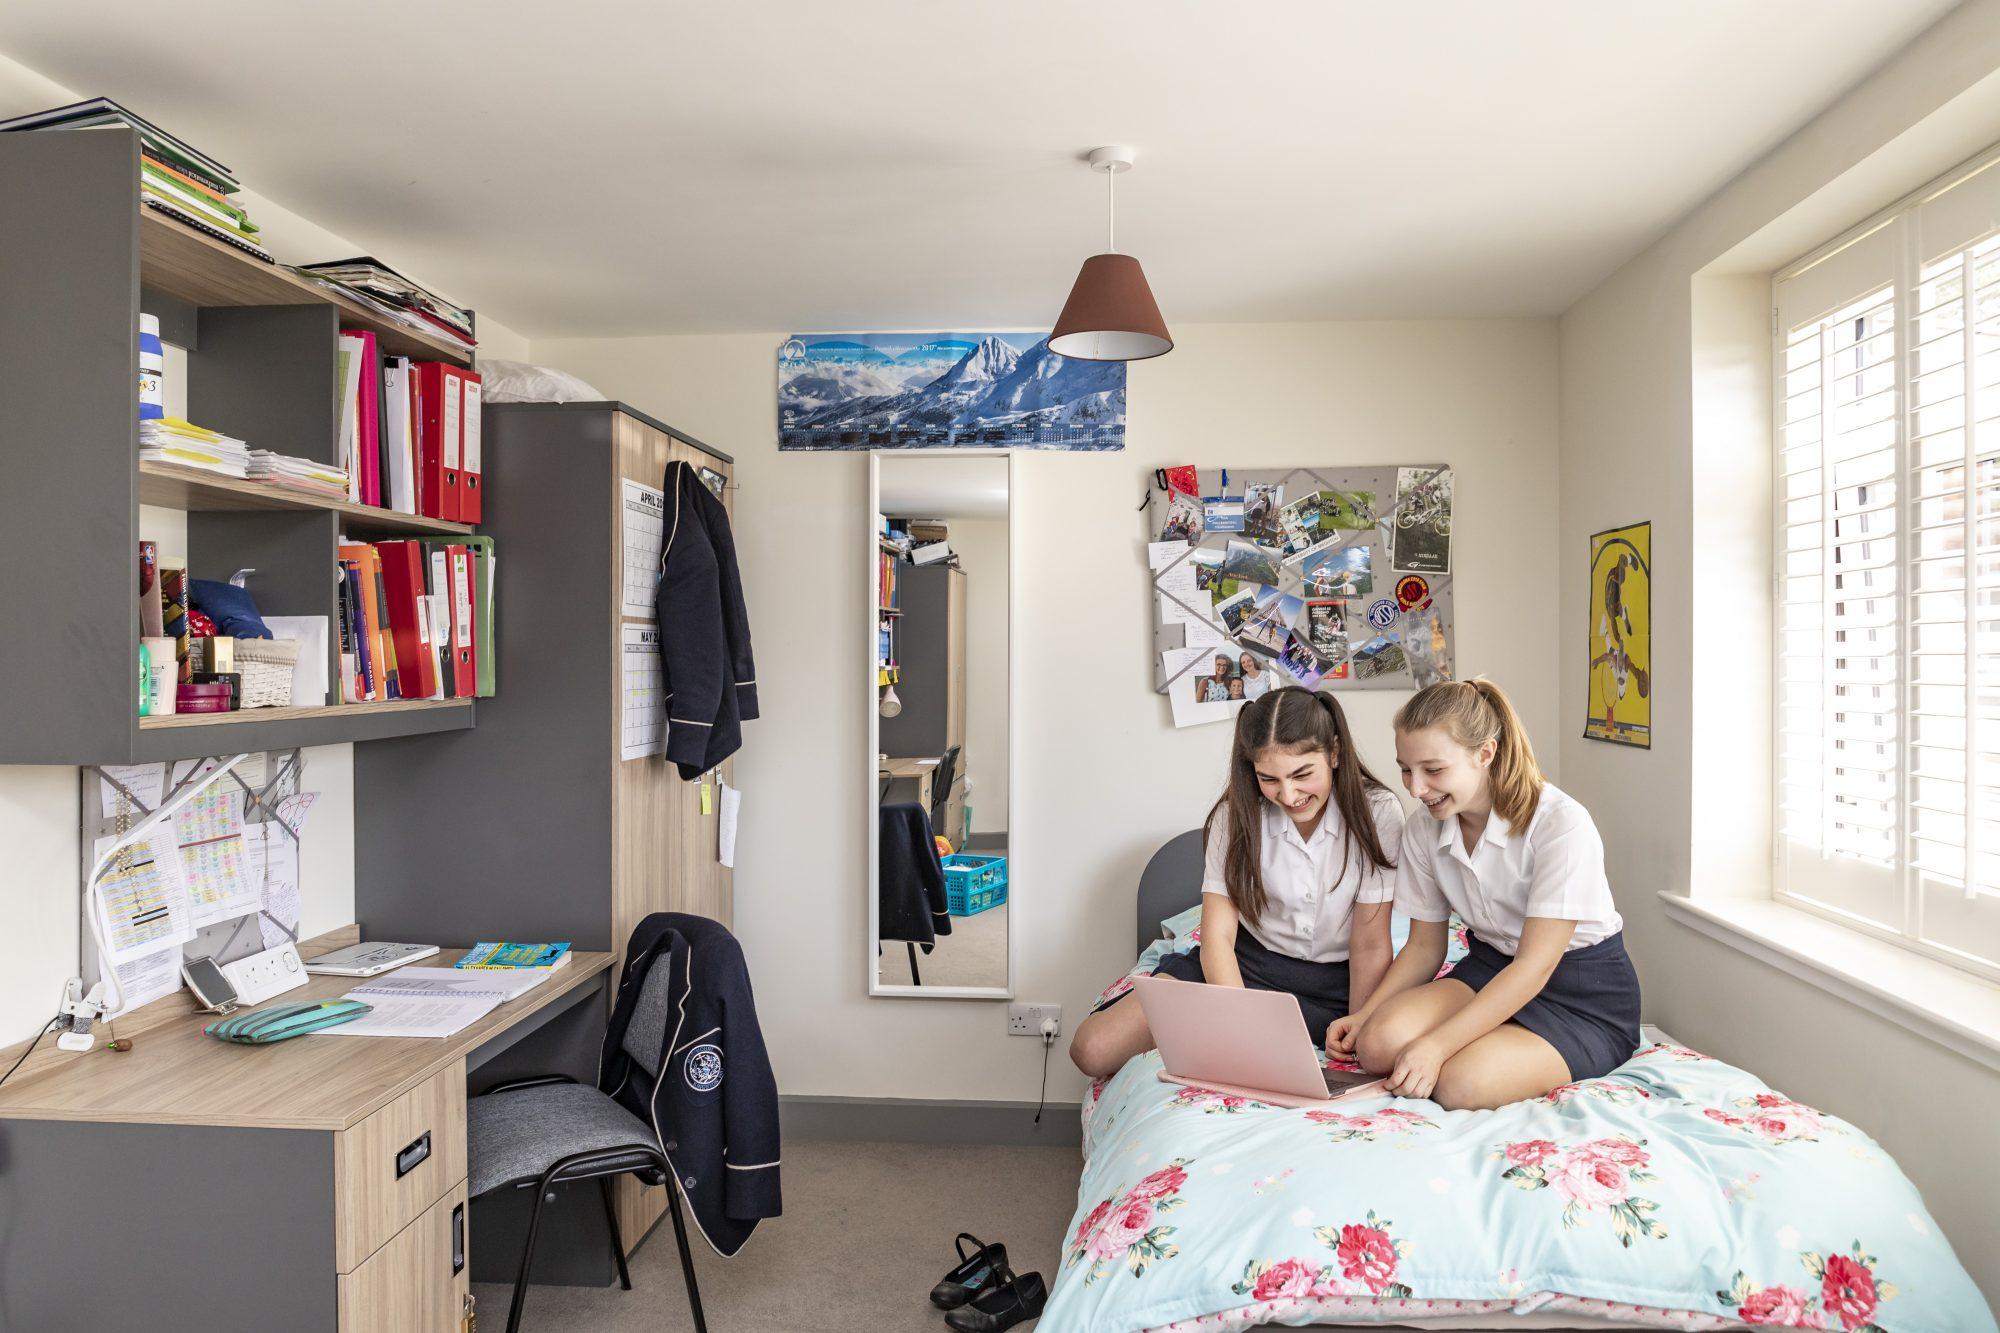 U4a7542 | Marymount International School London